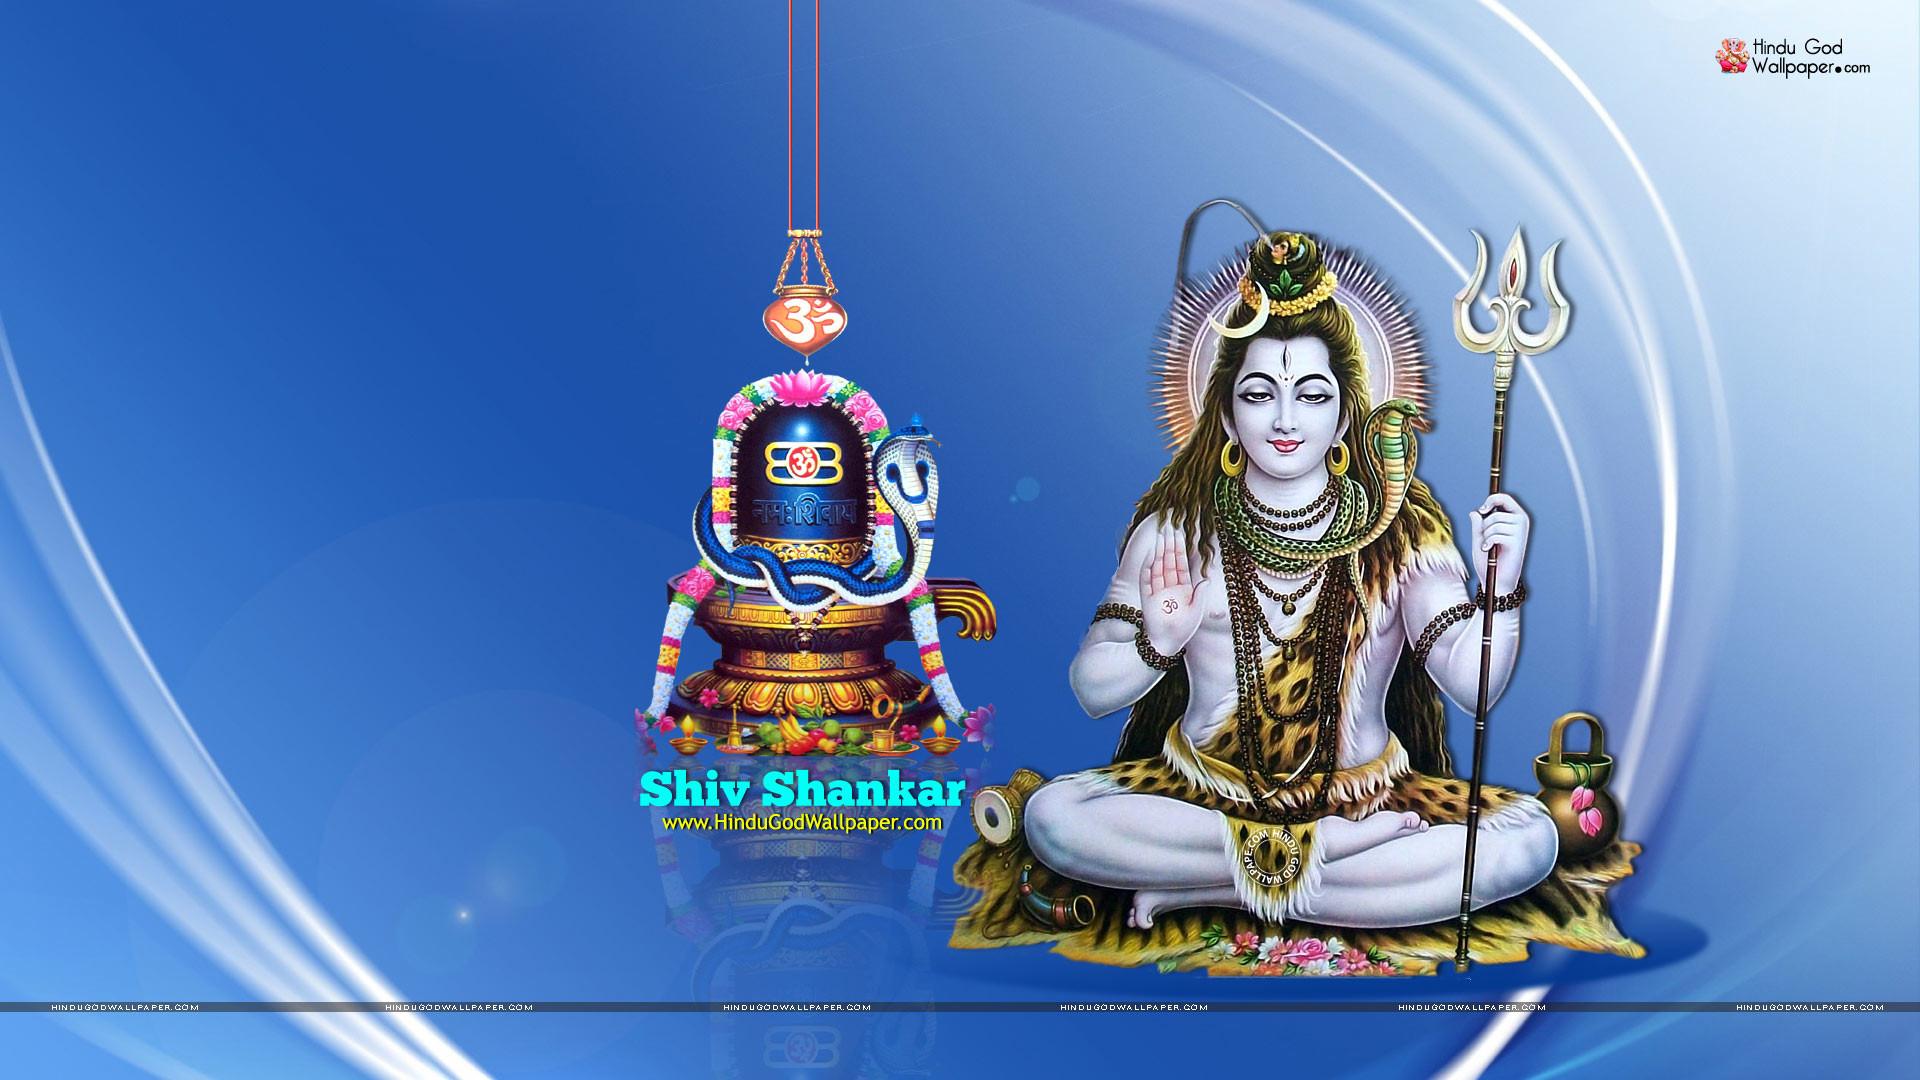 Shiv Shankar Wallpaper HD Full Size 1080p Download | Lord Shiva .